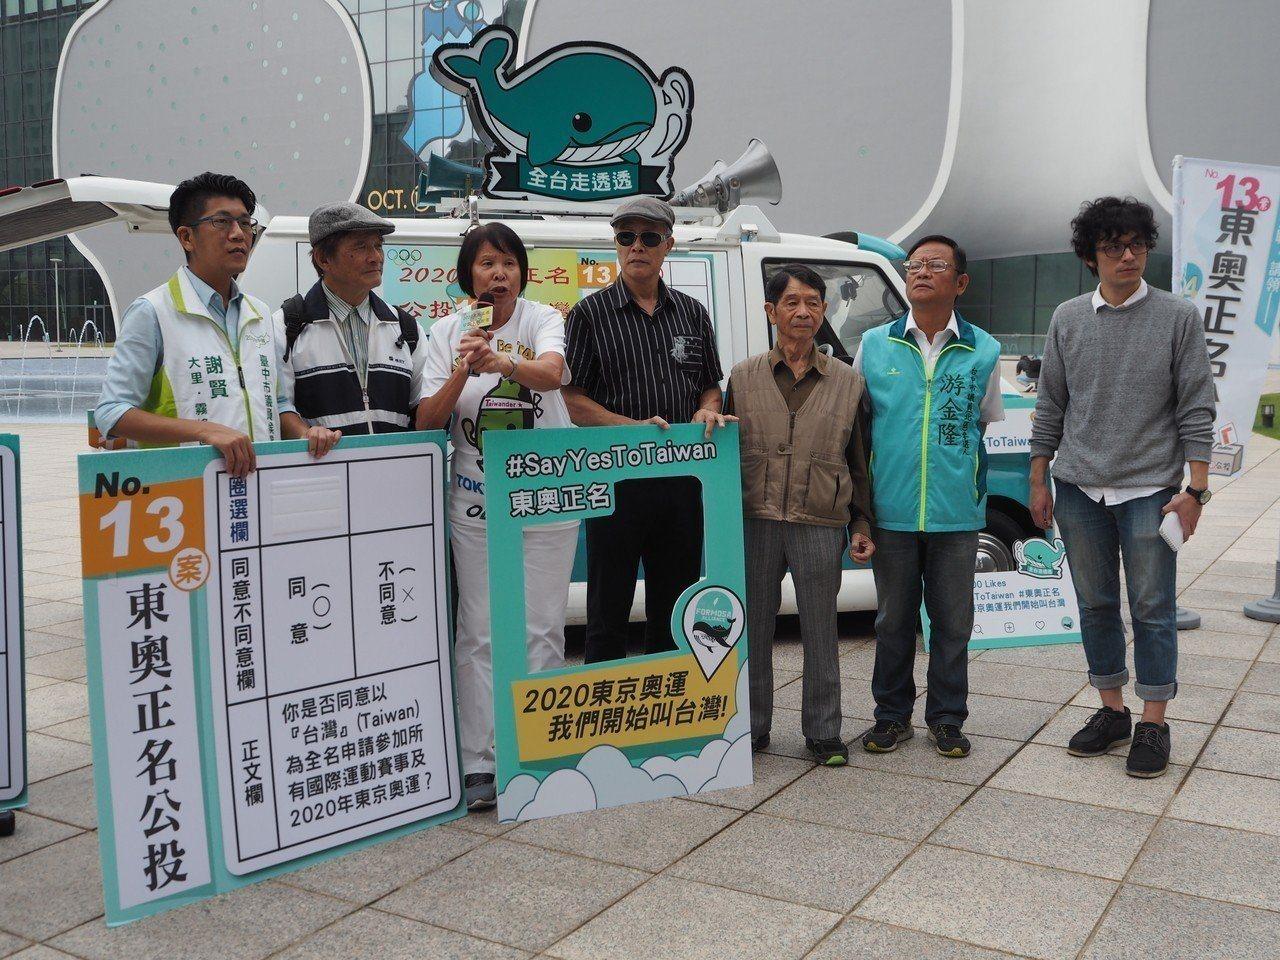 「東奧正名運動,呼籲台灣人站出來」公投宣傳活動,日前因未申請就到台中歌劇院廣場宣...